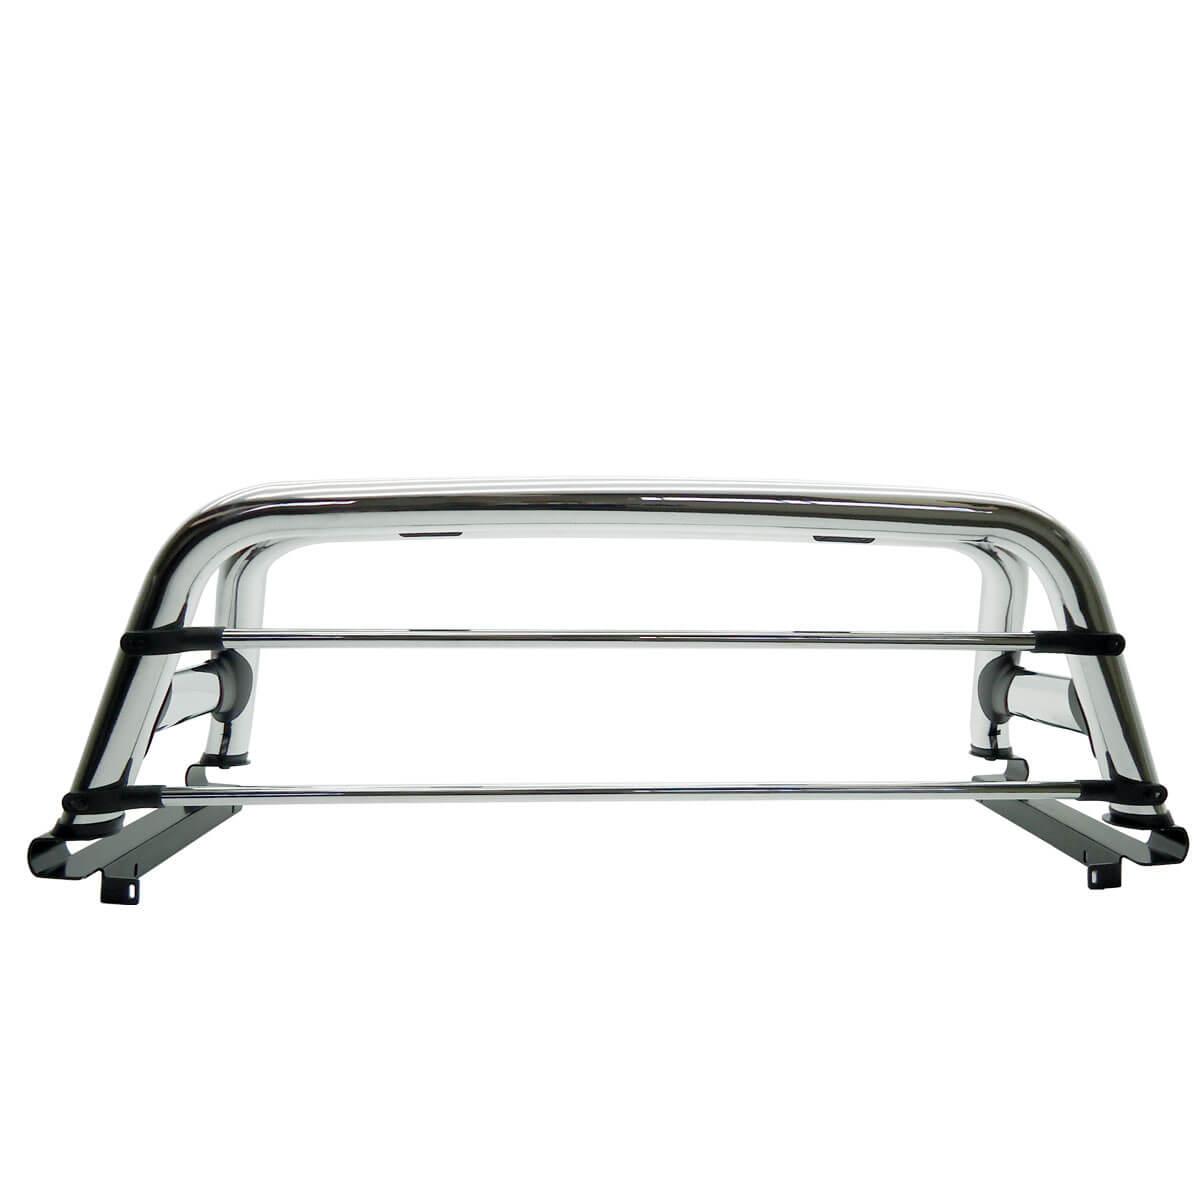 Santo antônio duplo cromado Dodge Ram 2005 a 2011 ou Laramie 2012 com barras de vidro cromadas